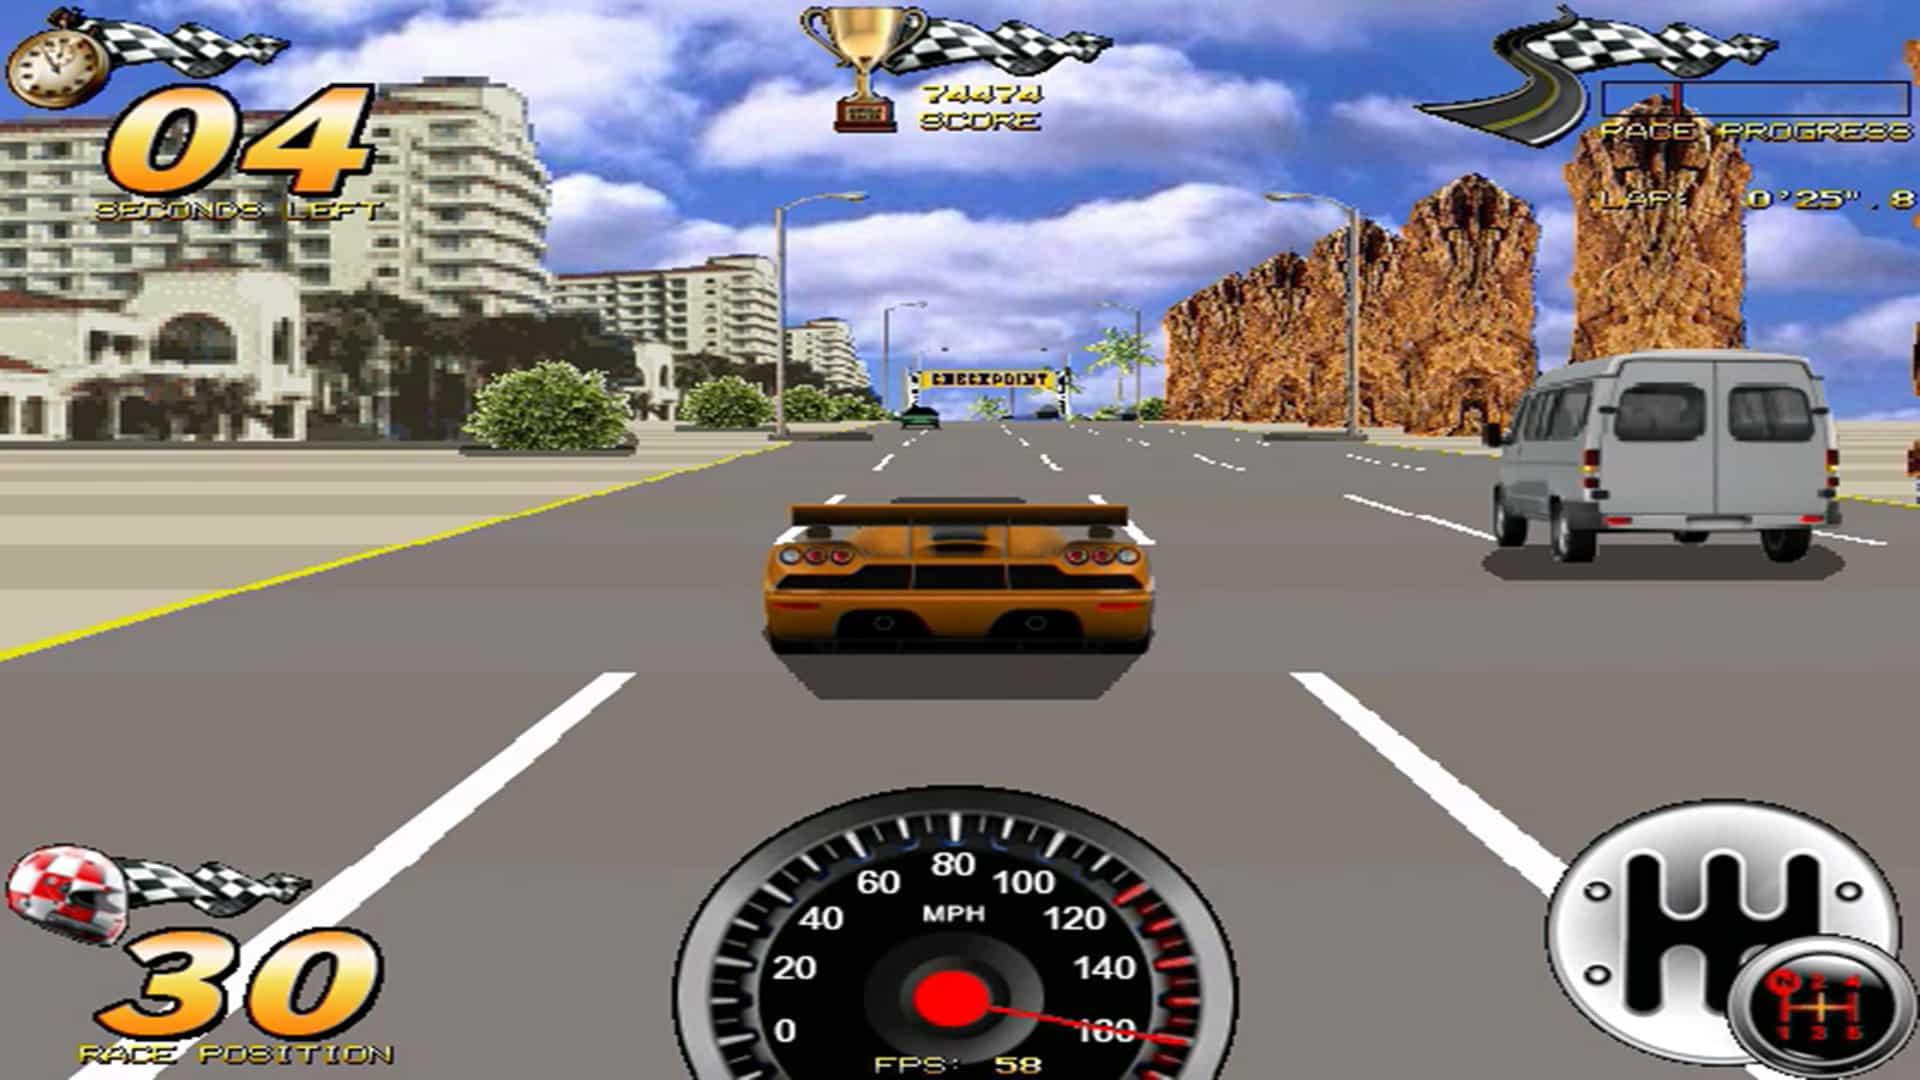 amiga-racer-game-01